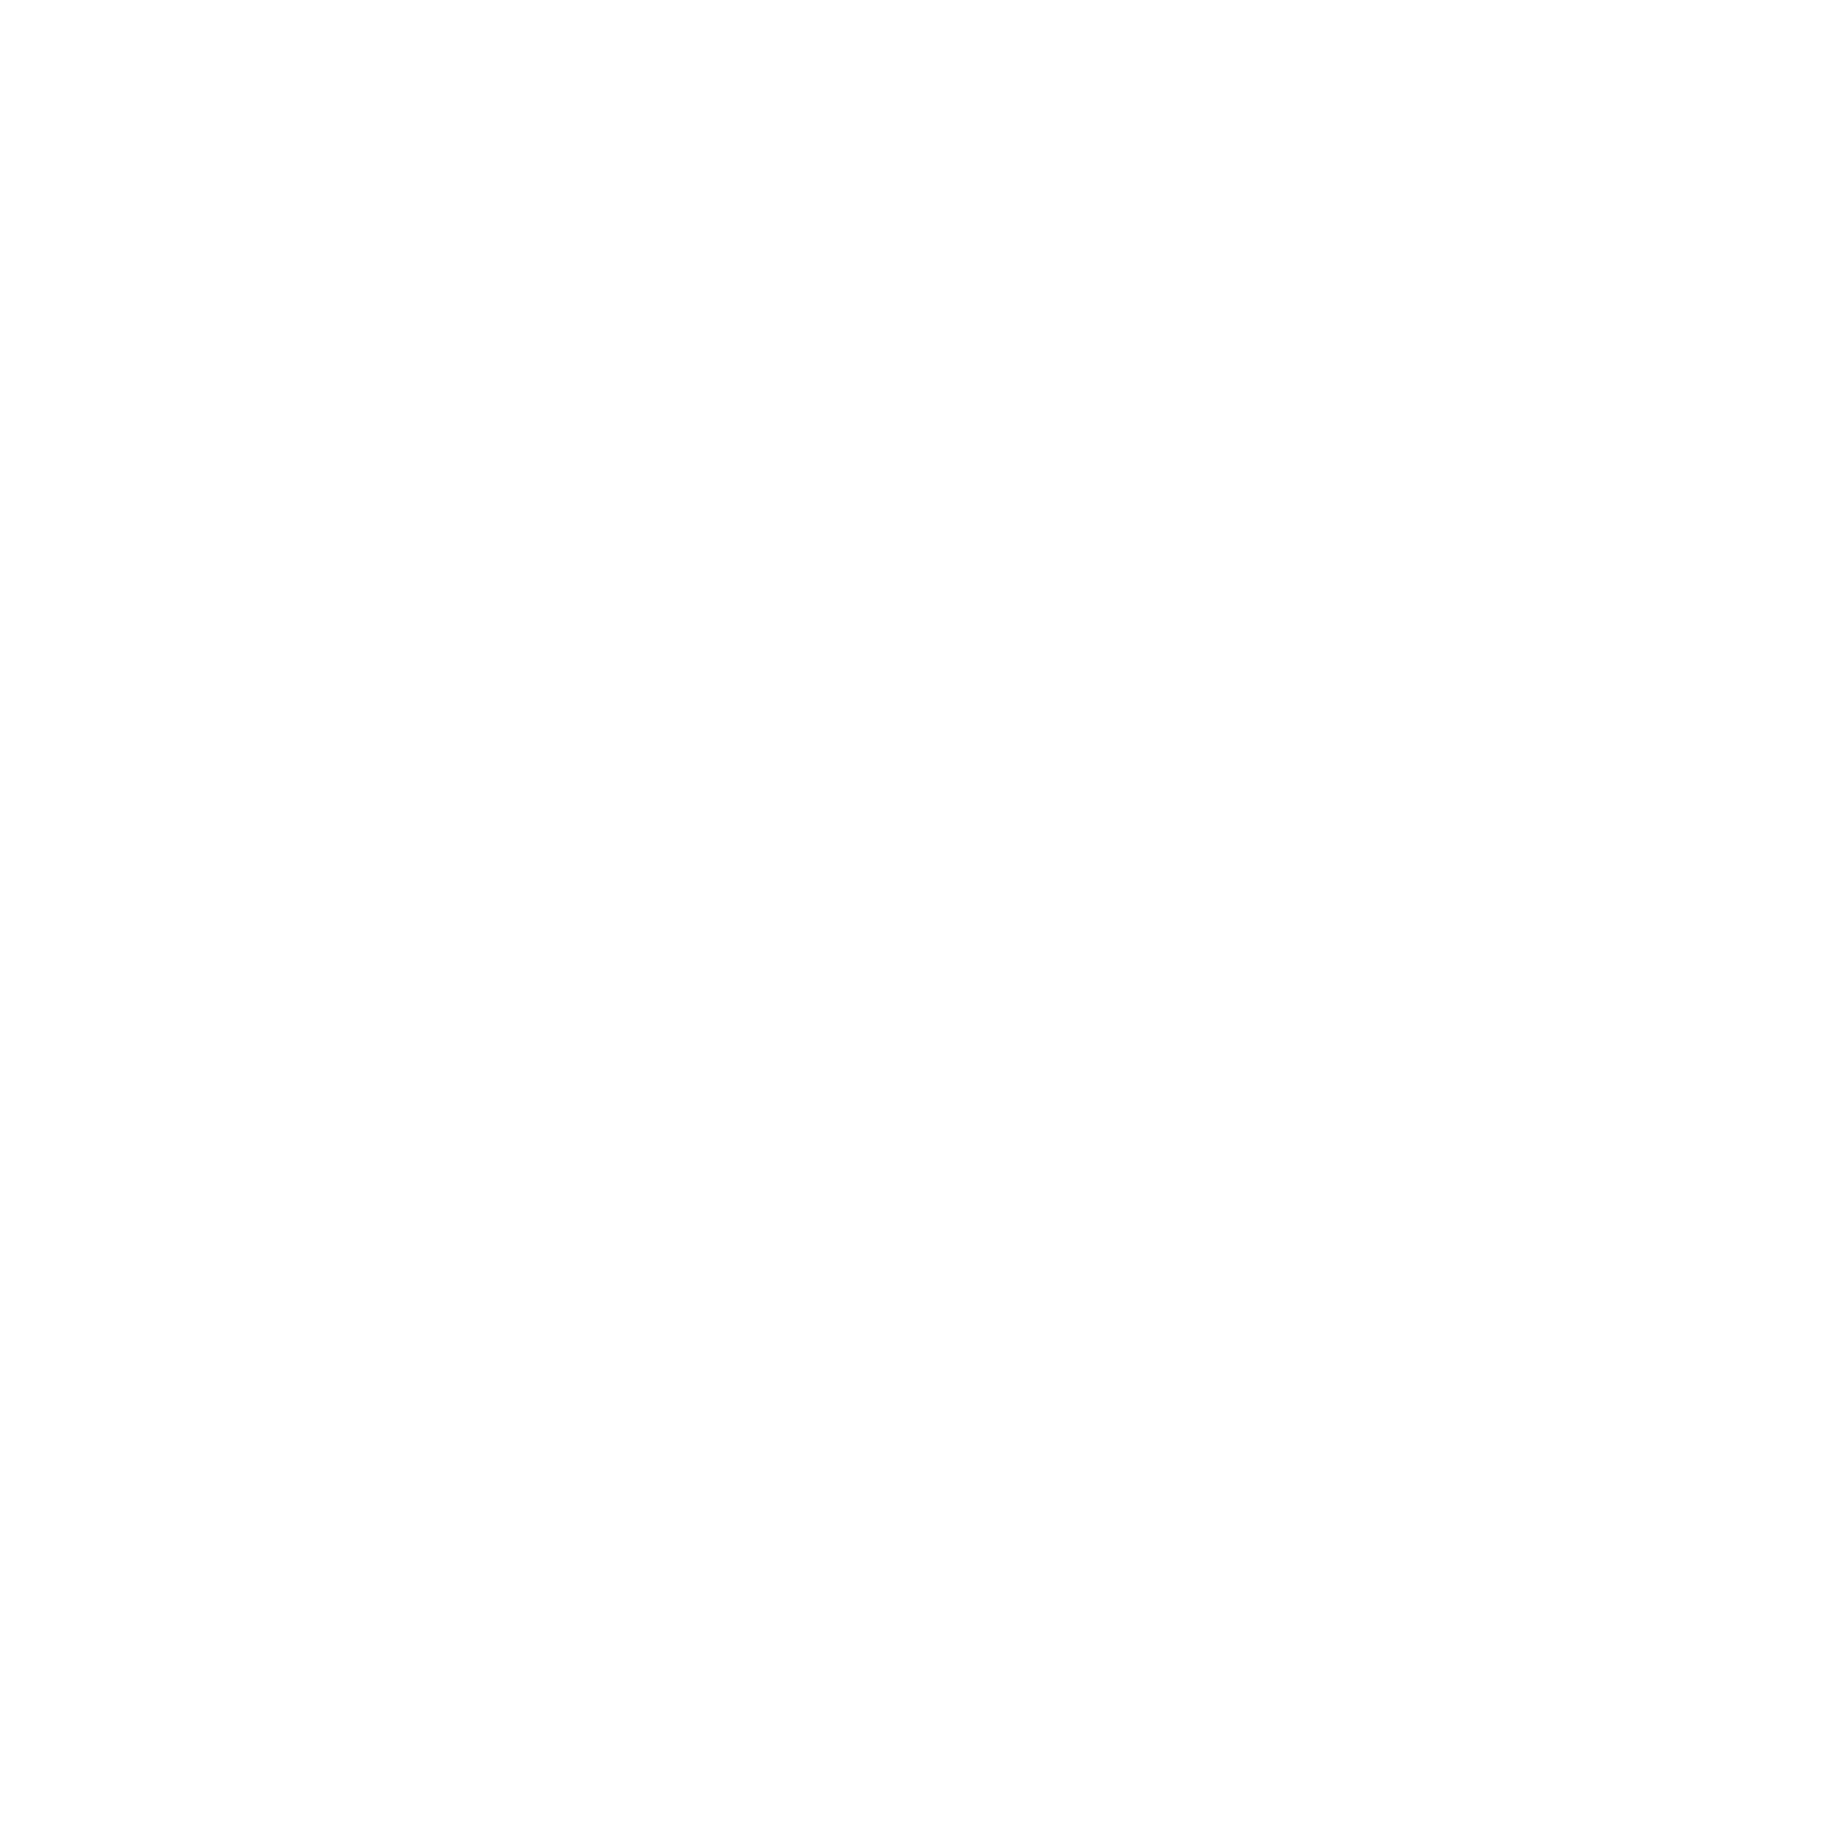 Ecotrat - Madeiras Tratadas